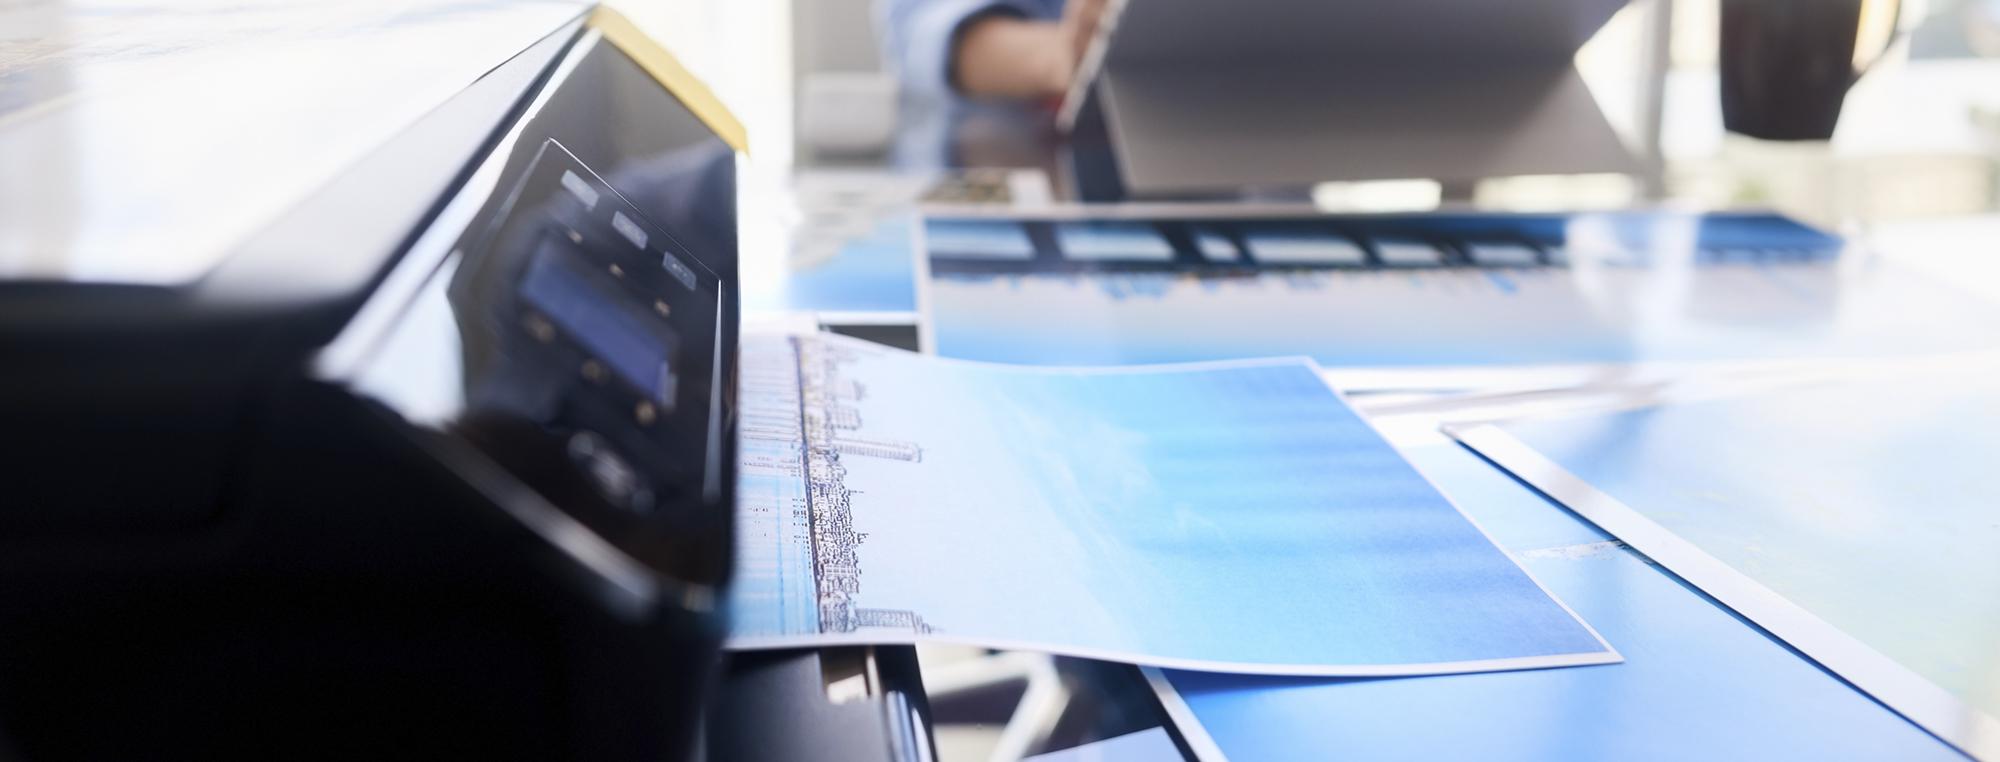 Sistema Digital de Copiadoras, dedicada a la venta y alquiler de fotocopiadoras, impresoras, multifuncionales, fax de marcas konicaminolta y brother.